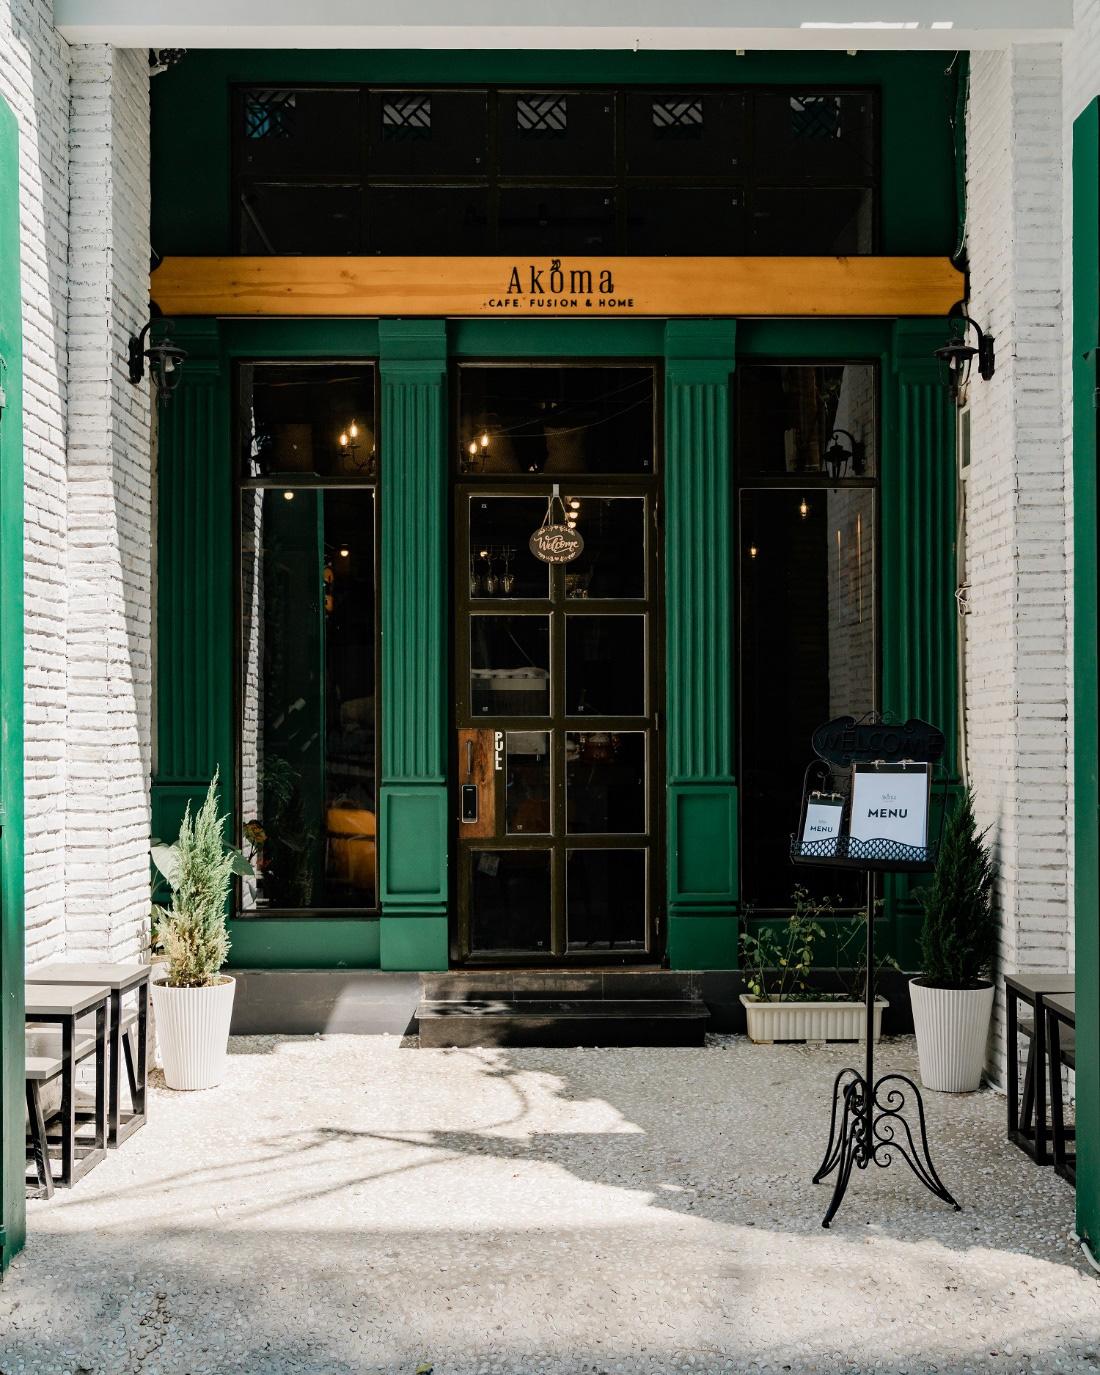 Bất ngờ với AKÓMA Café & Fusion – Một không gian châu Âu tối giản giữa lòng Sài Gòn - Ảnh 1.